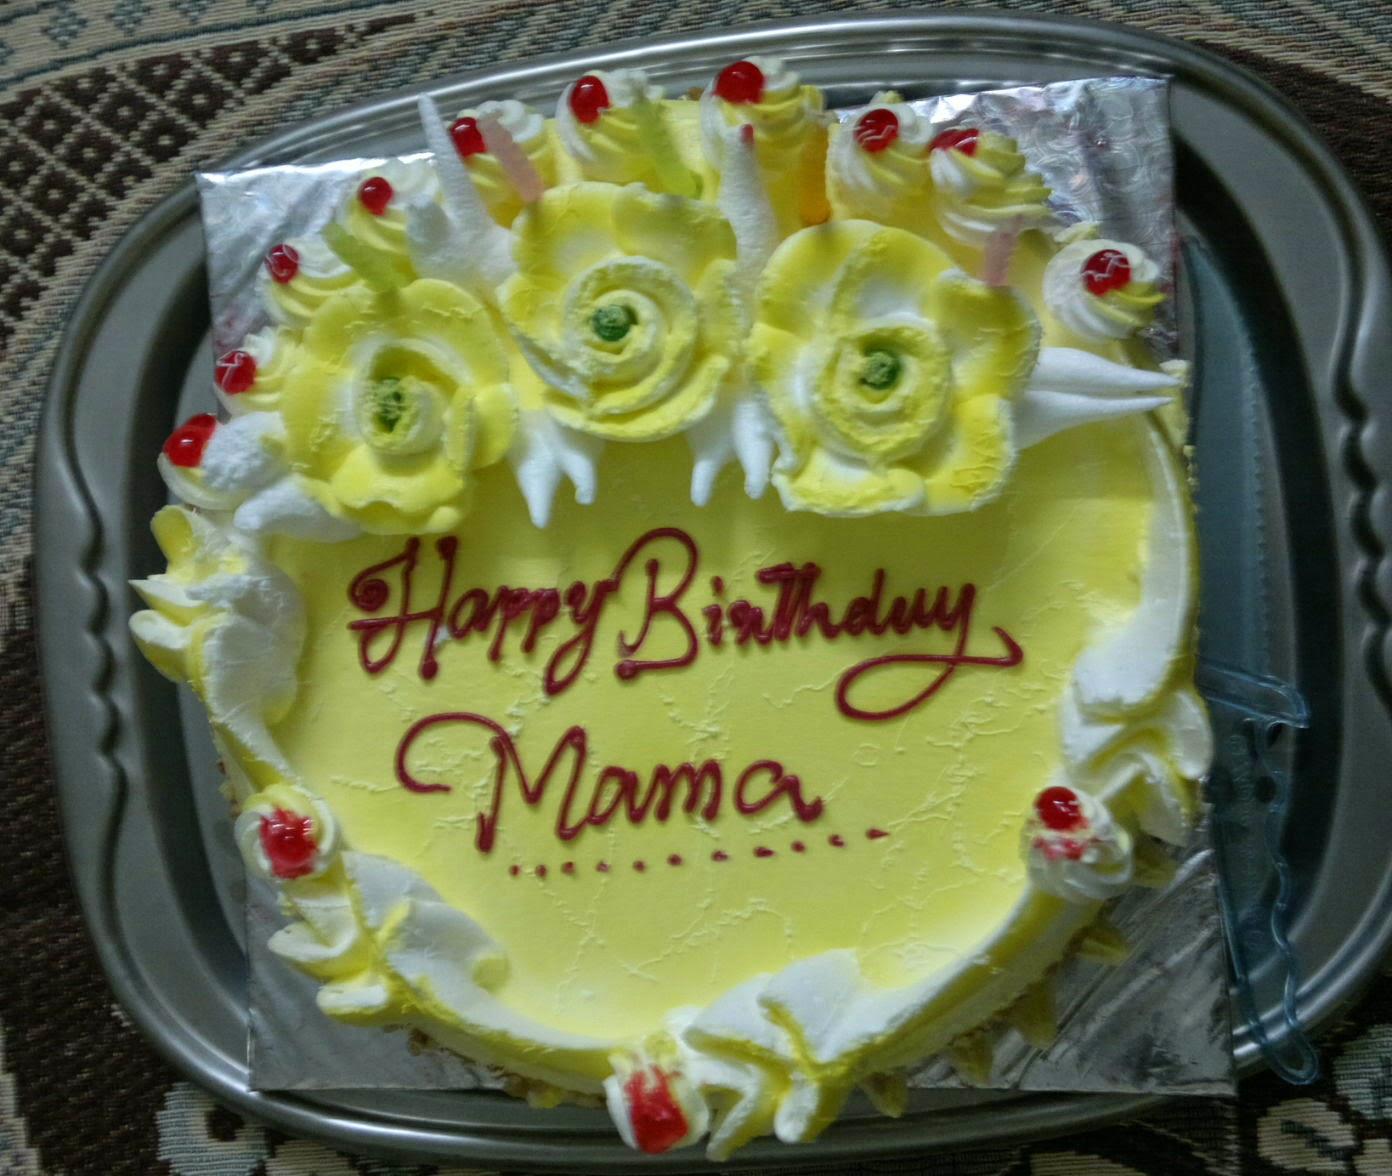 Mama Sama Biltu Birthday cake brought by KabitaMamas bday 2014